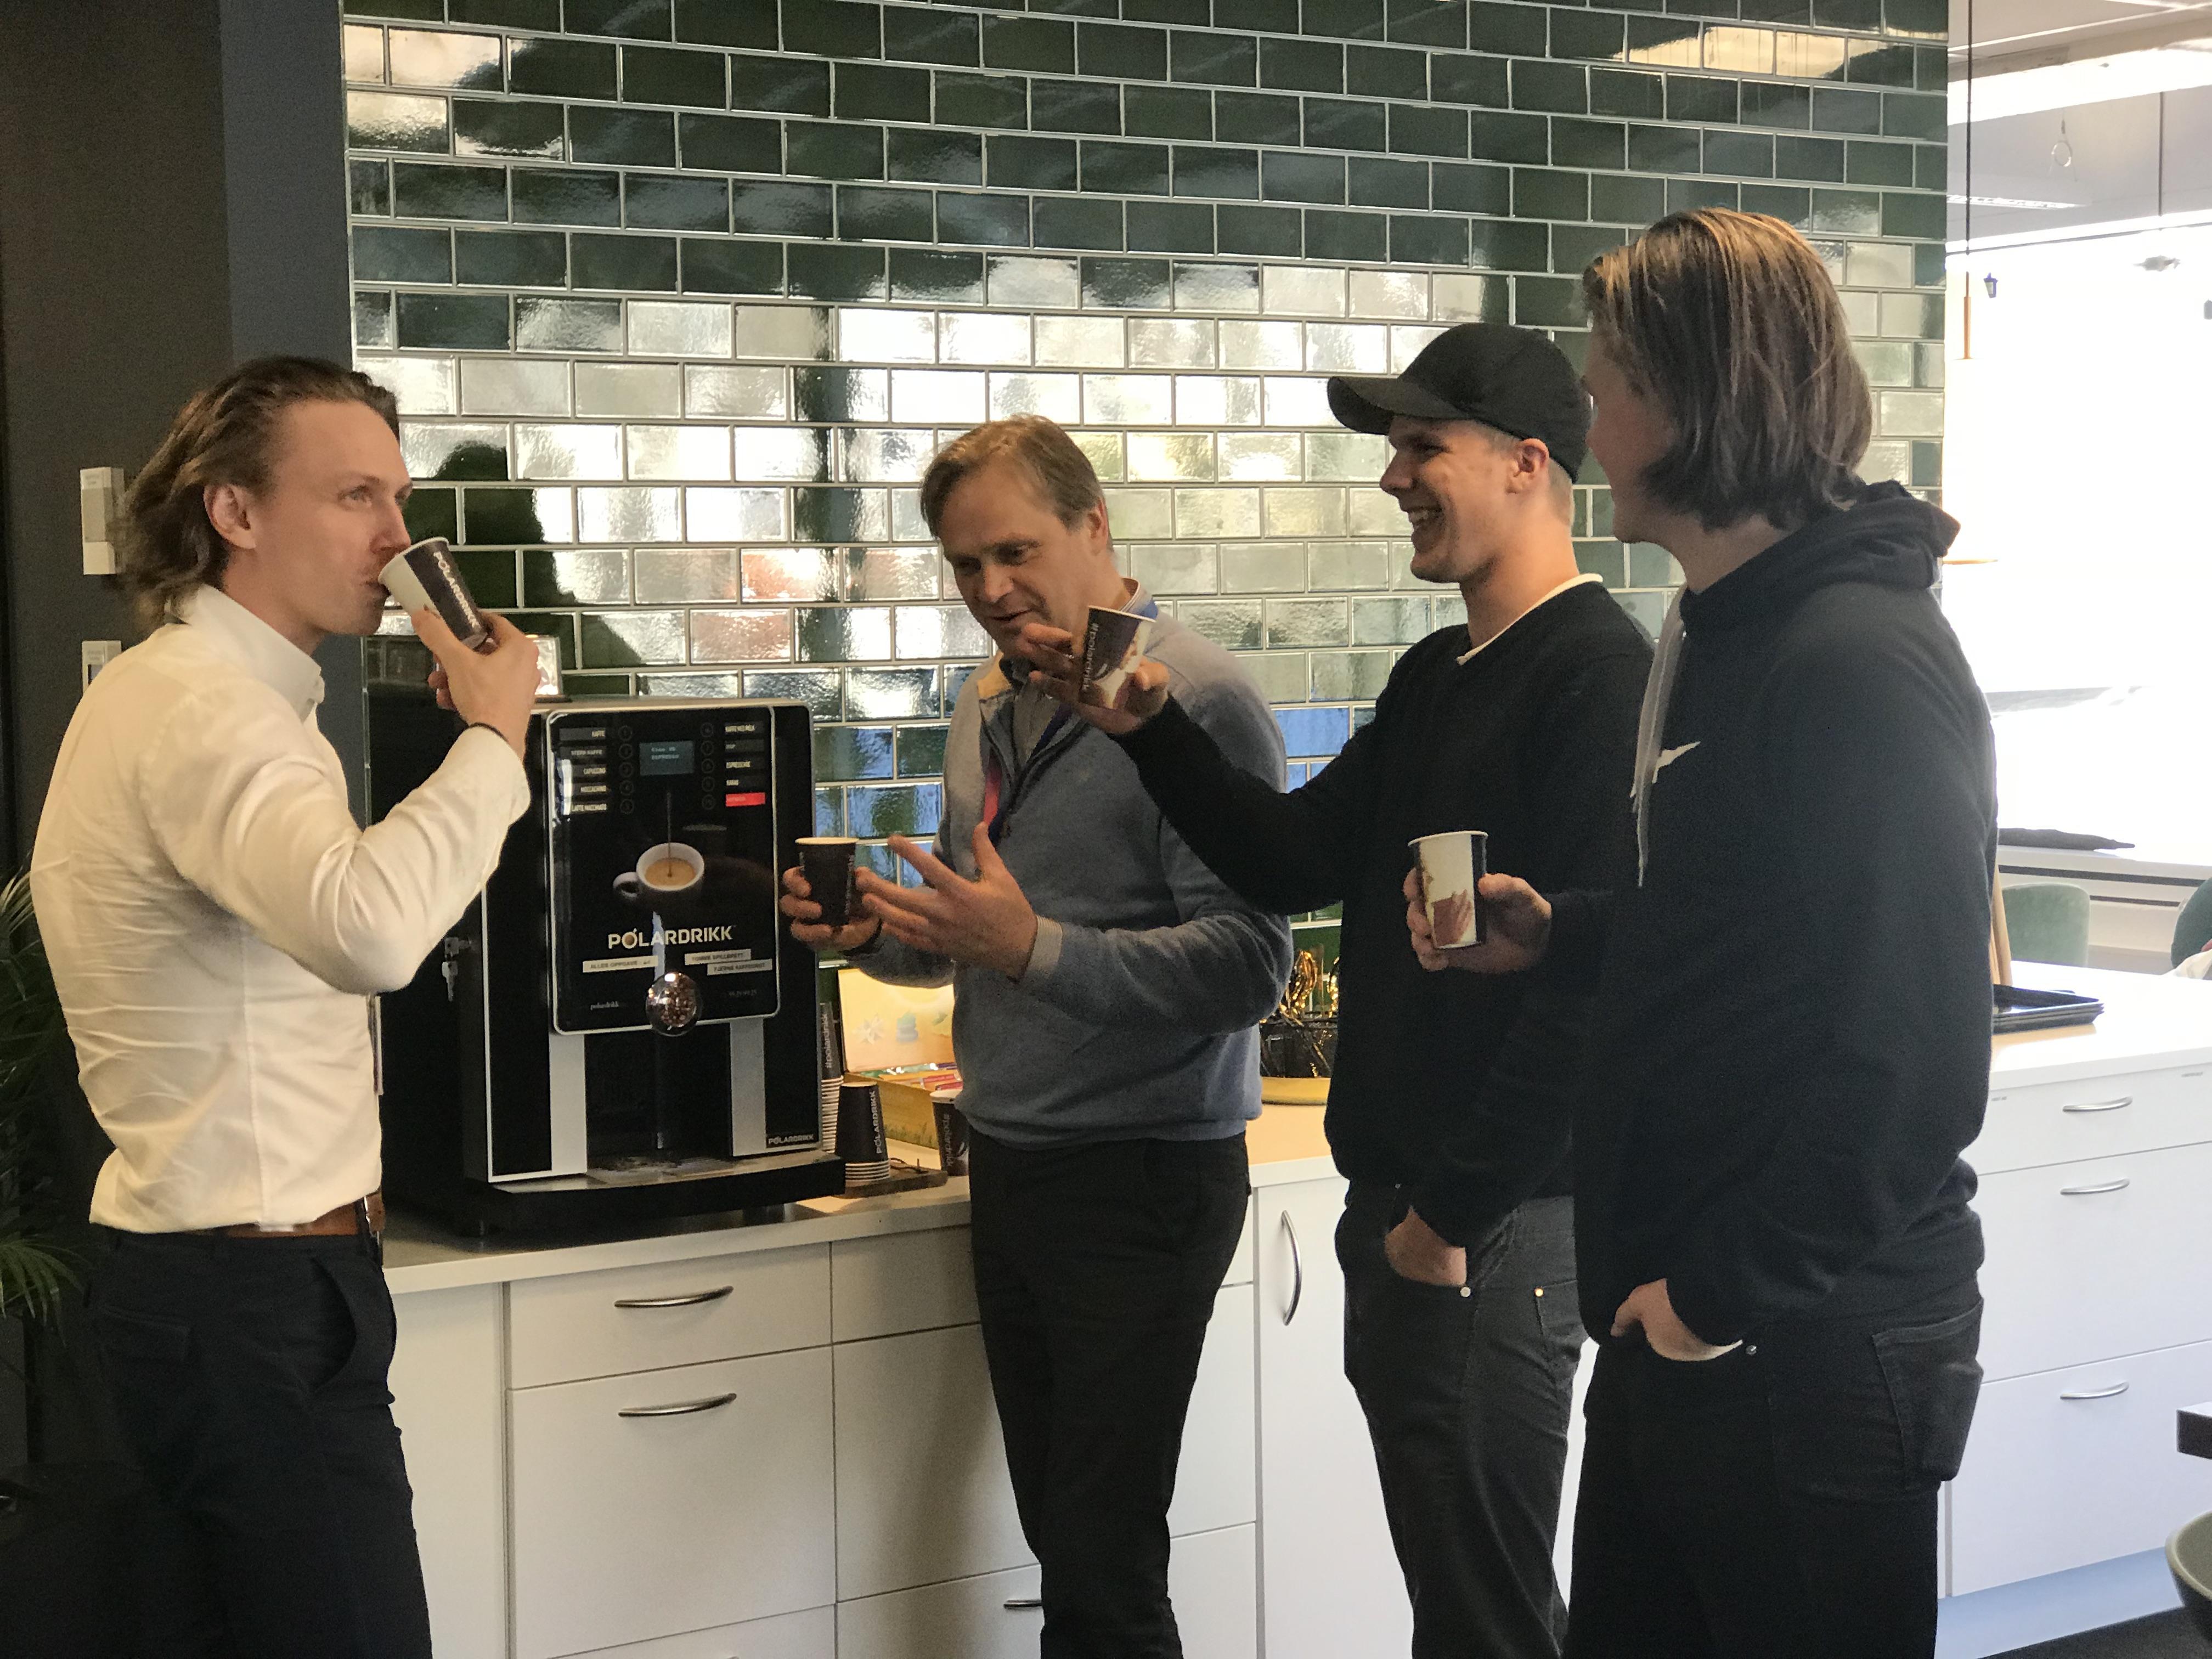 kaffemaskin til bedrift